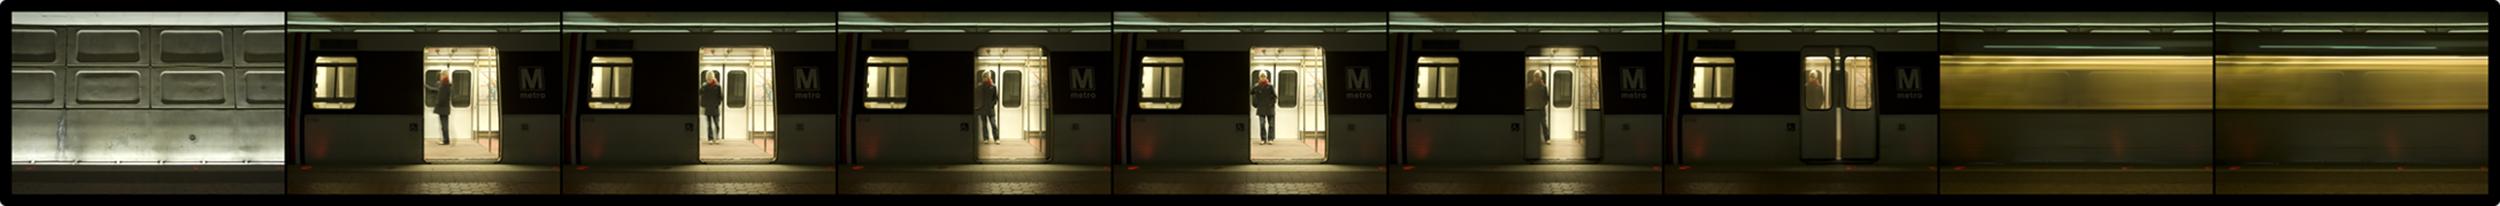 Streams Travel Strip, Washington DC Metro   3-1-2009